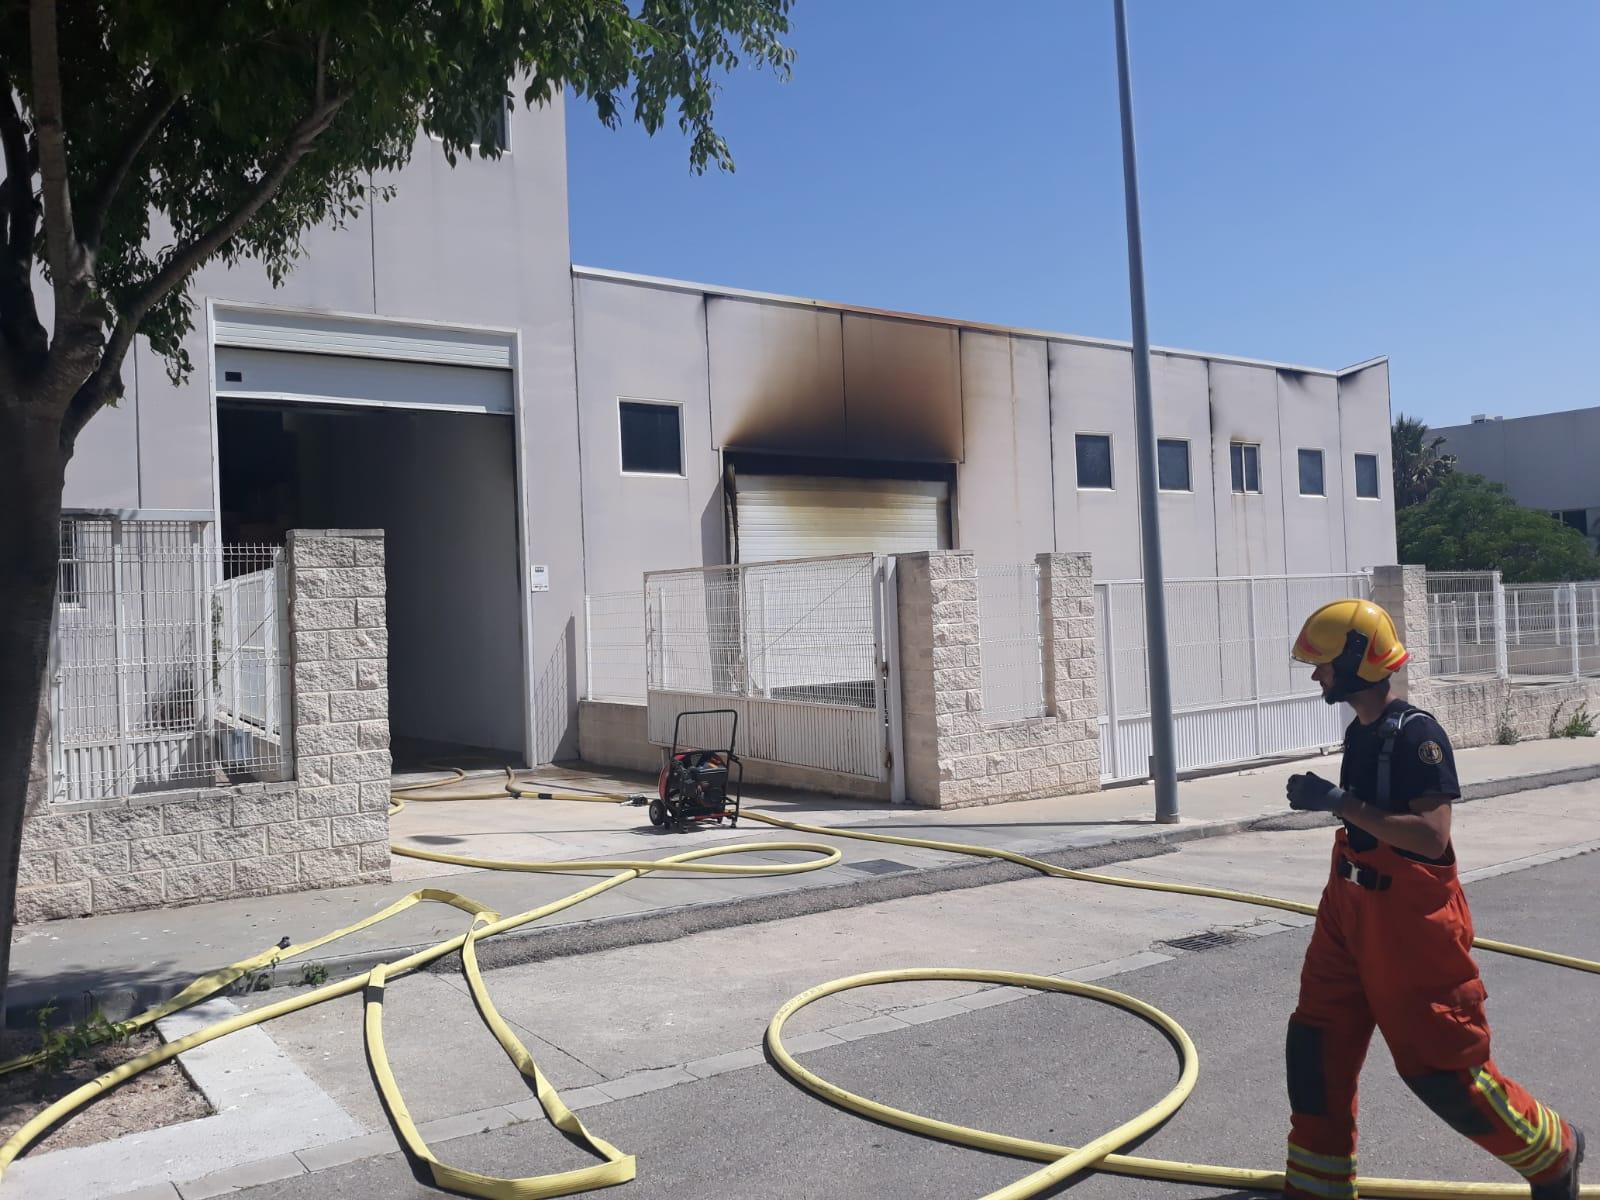 Declarat un incendi a una fàbrica en el polígon de l'Altet El Periòdic d'Ontinyent - Noticies a Ontinyent